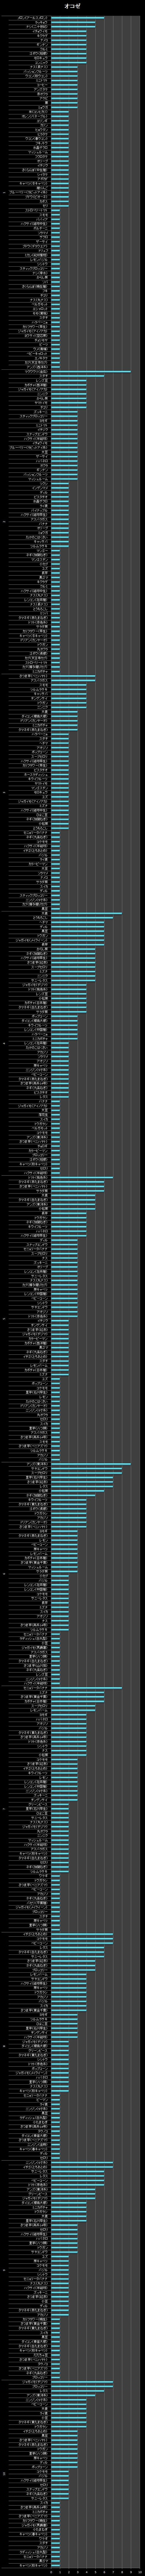 横棒グラフ/オコゼ